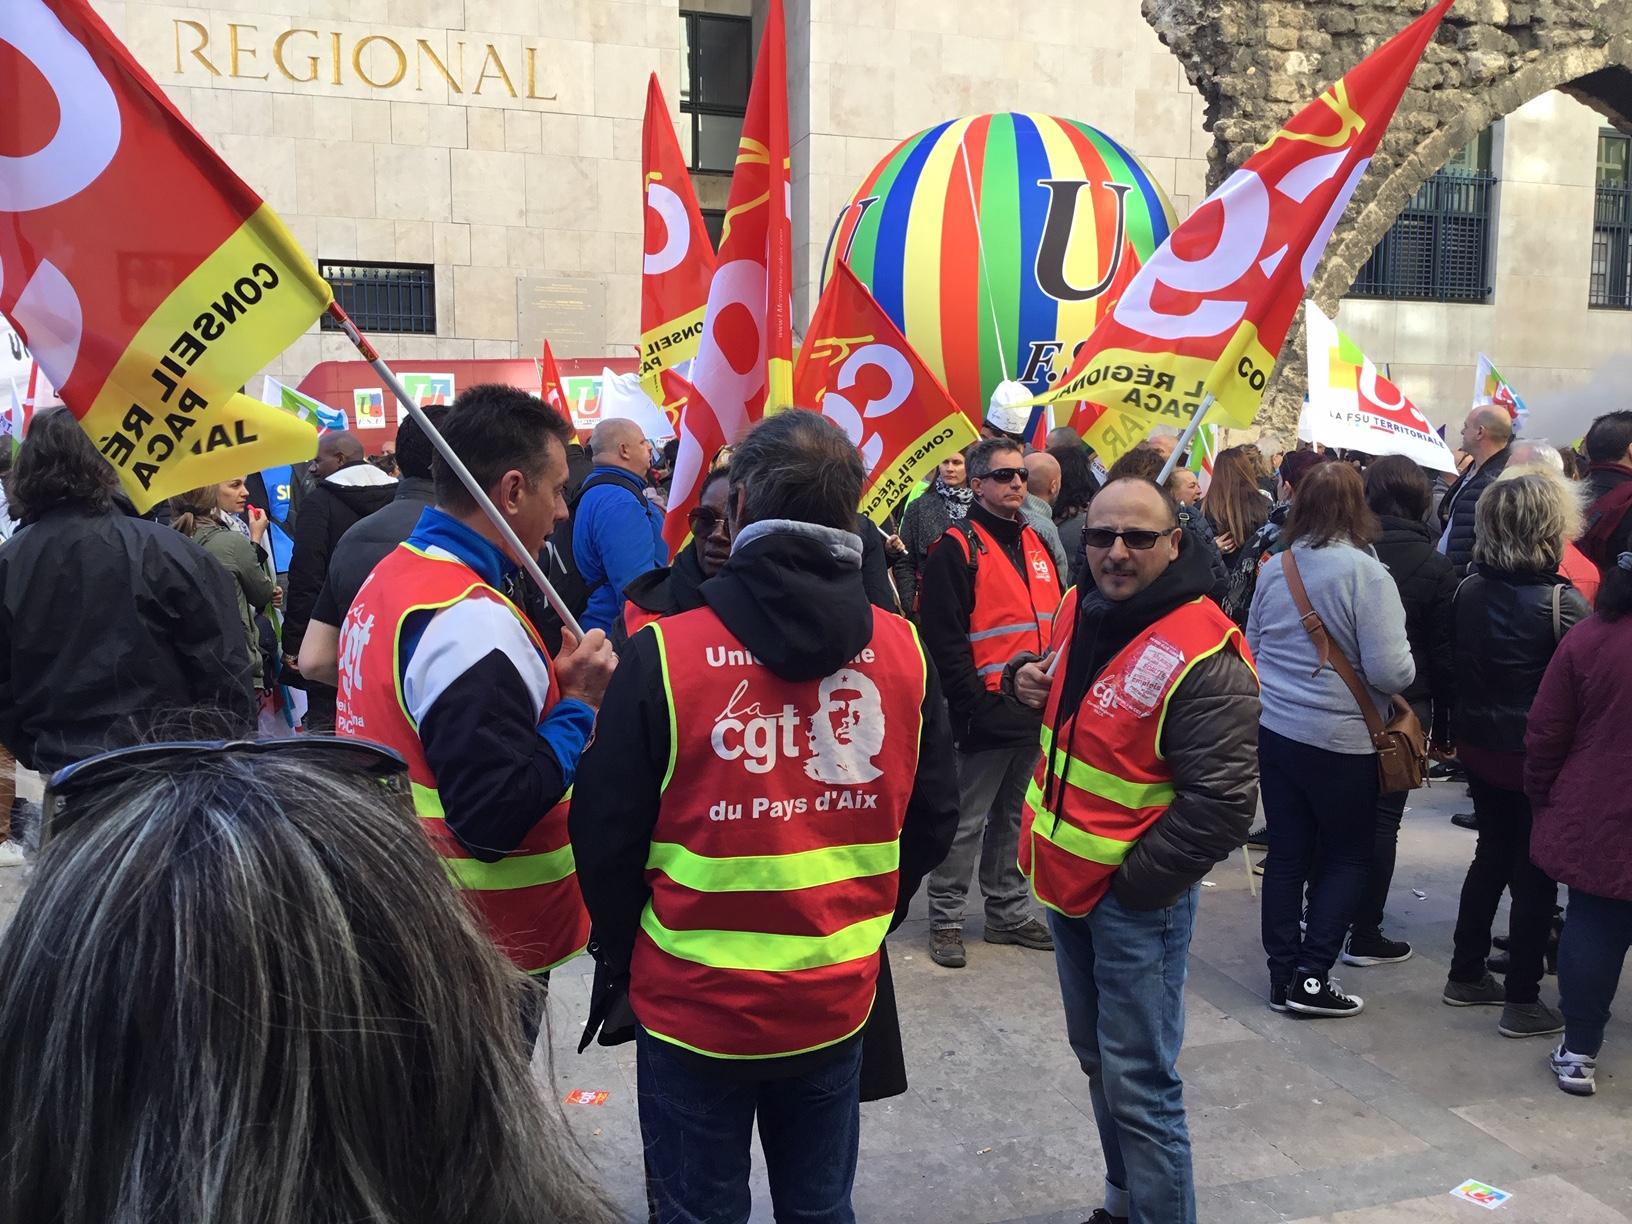 Journée d'action, de mobilisations et de grève le 19 mars CGT, FO, Solidaires, UNEF, UNL, UNL-SD